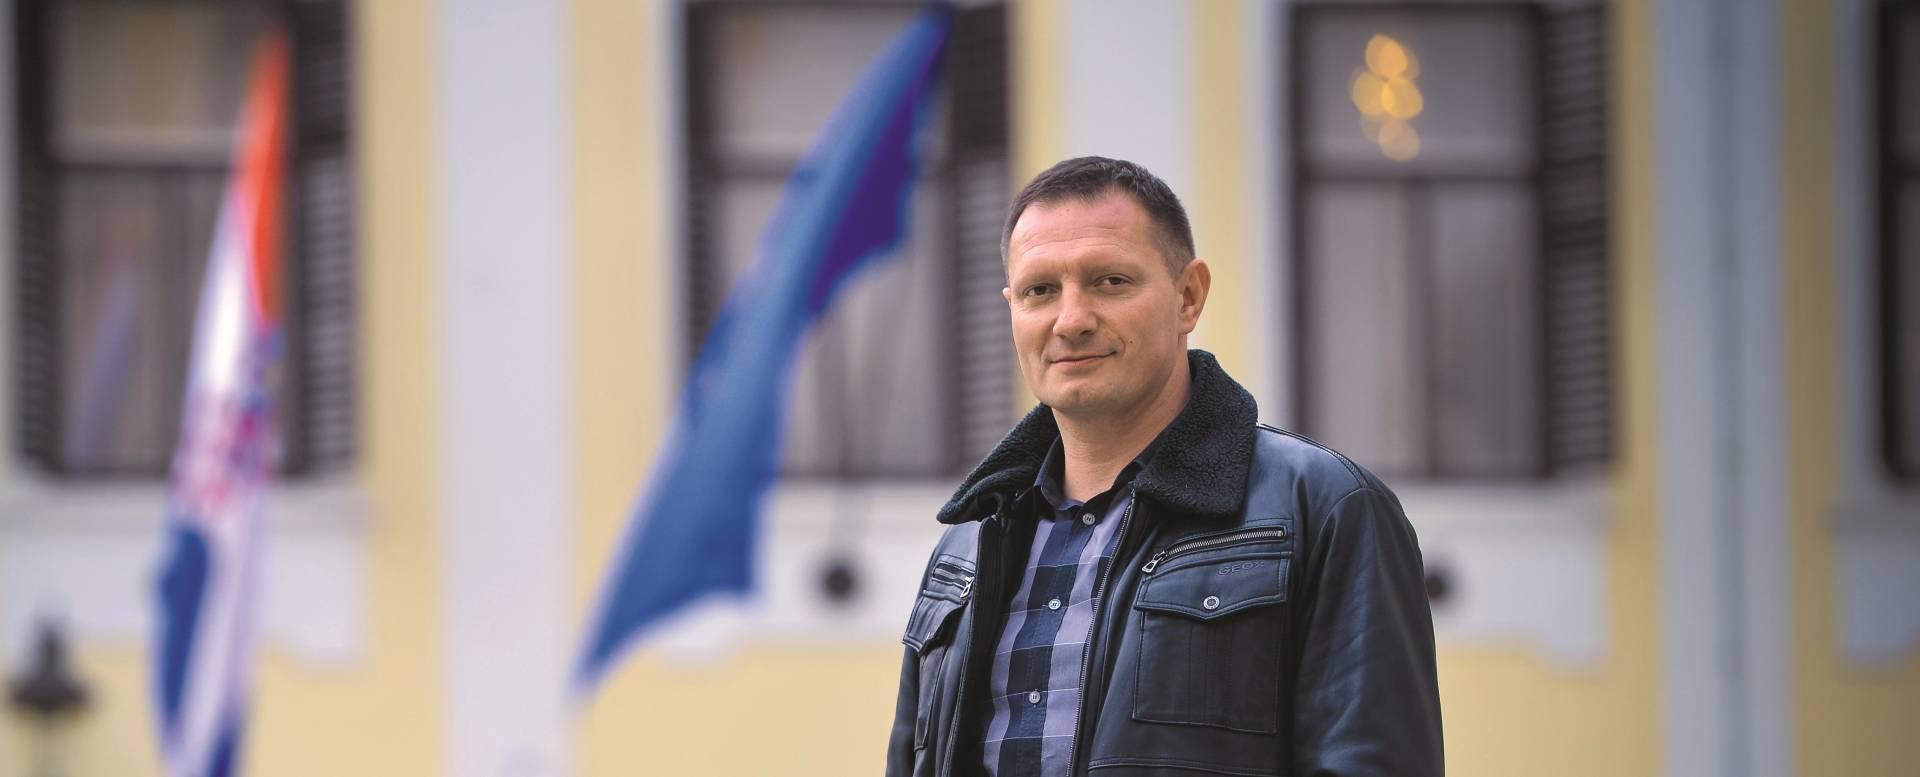 EKSKLUZIVNO U NACIONALU JOSIP KLEMM Pogled u tajni svijet čovjeka od kojeg strepe Zoran Milanović i Ranko Ostojić